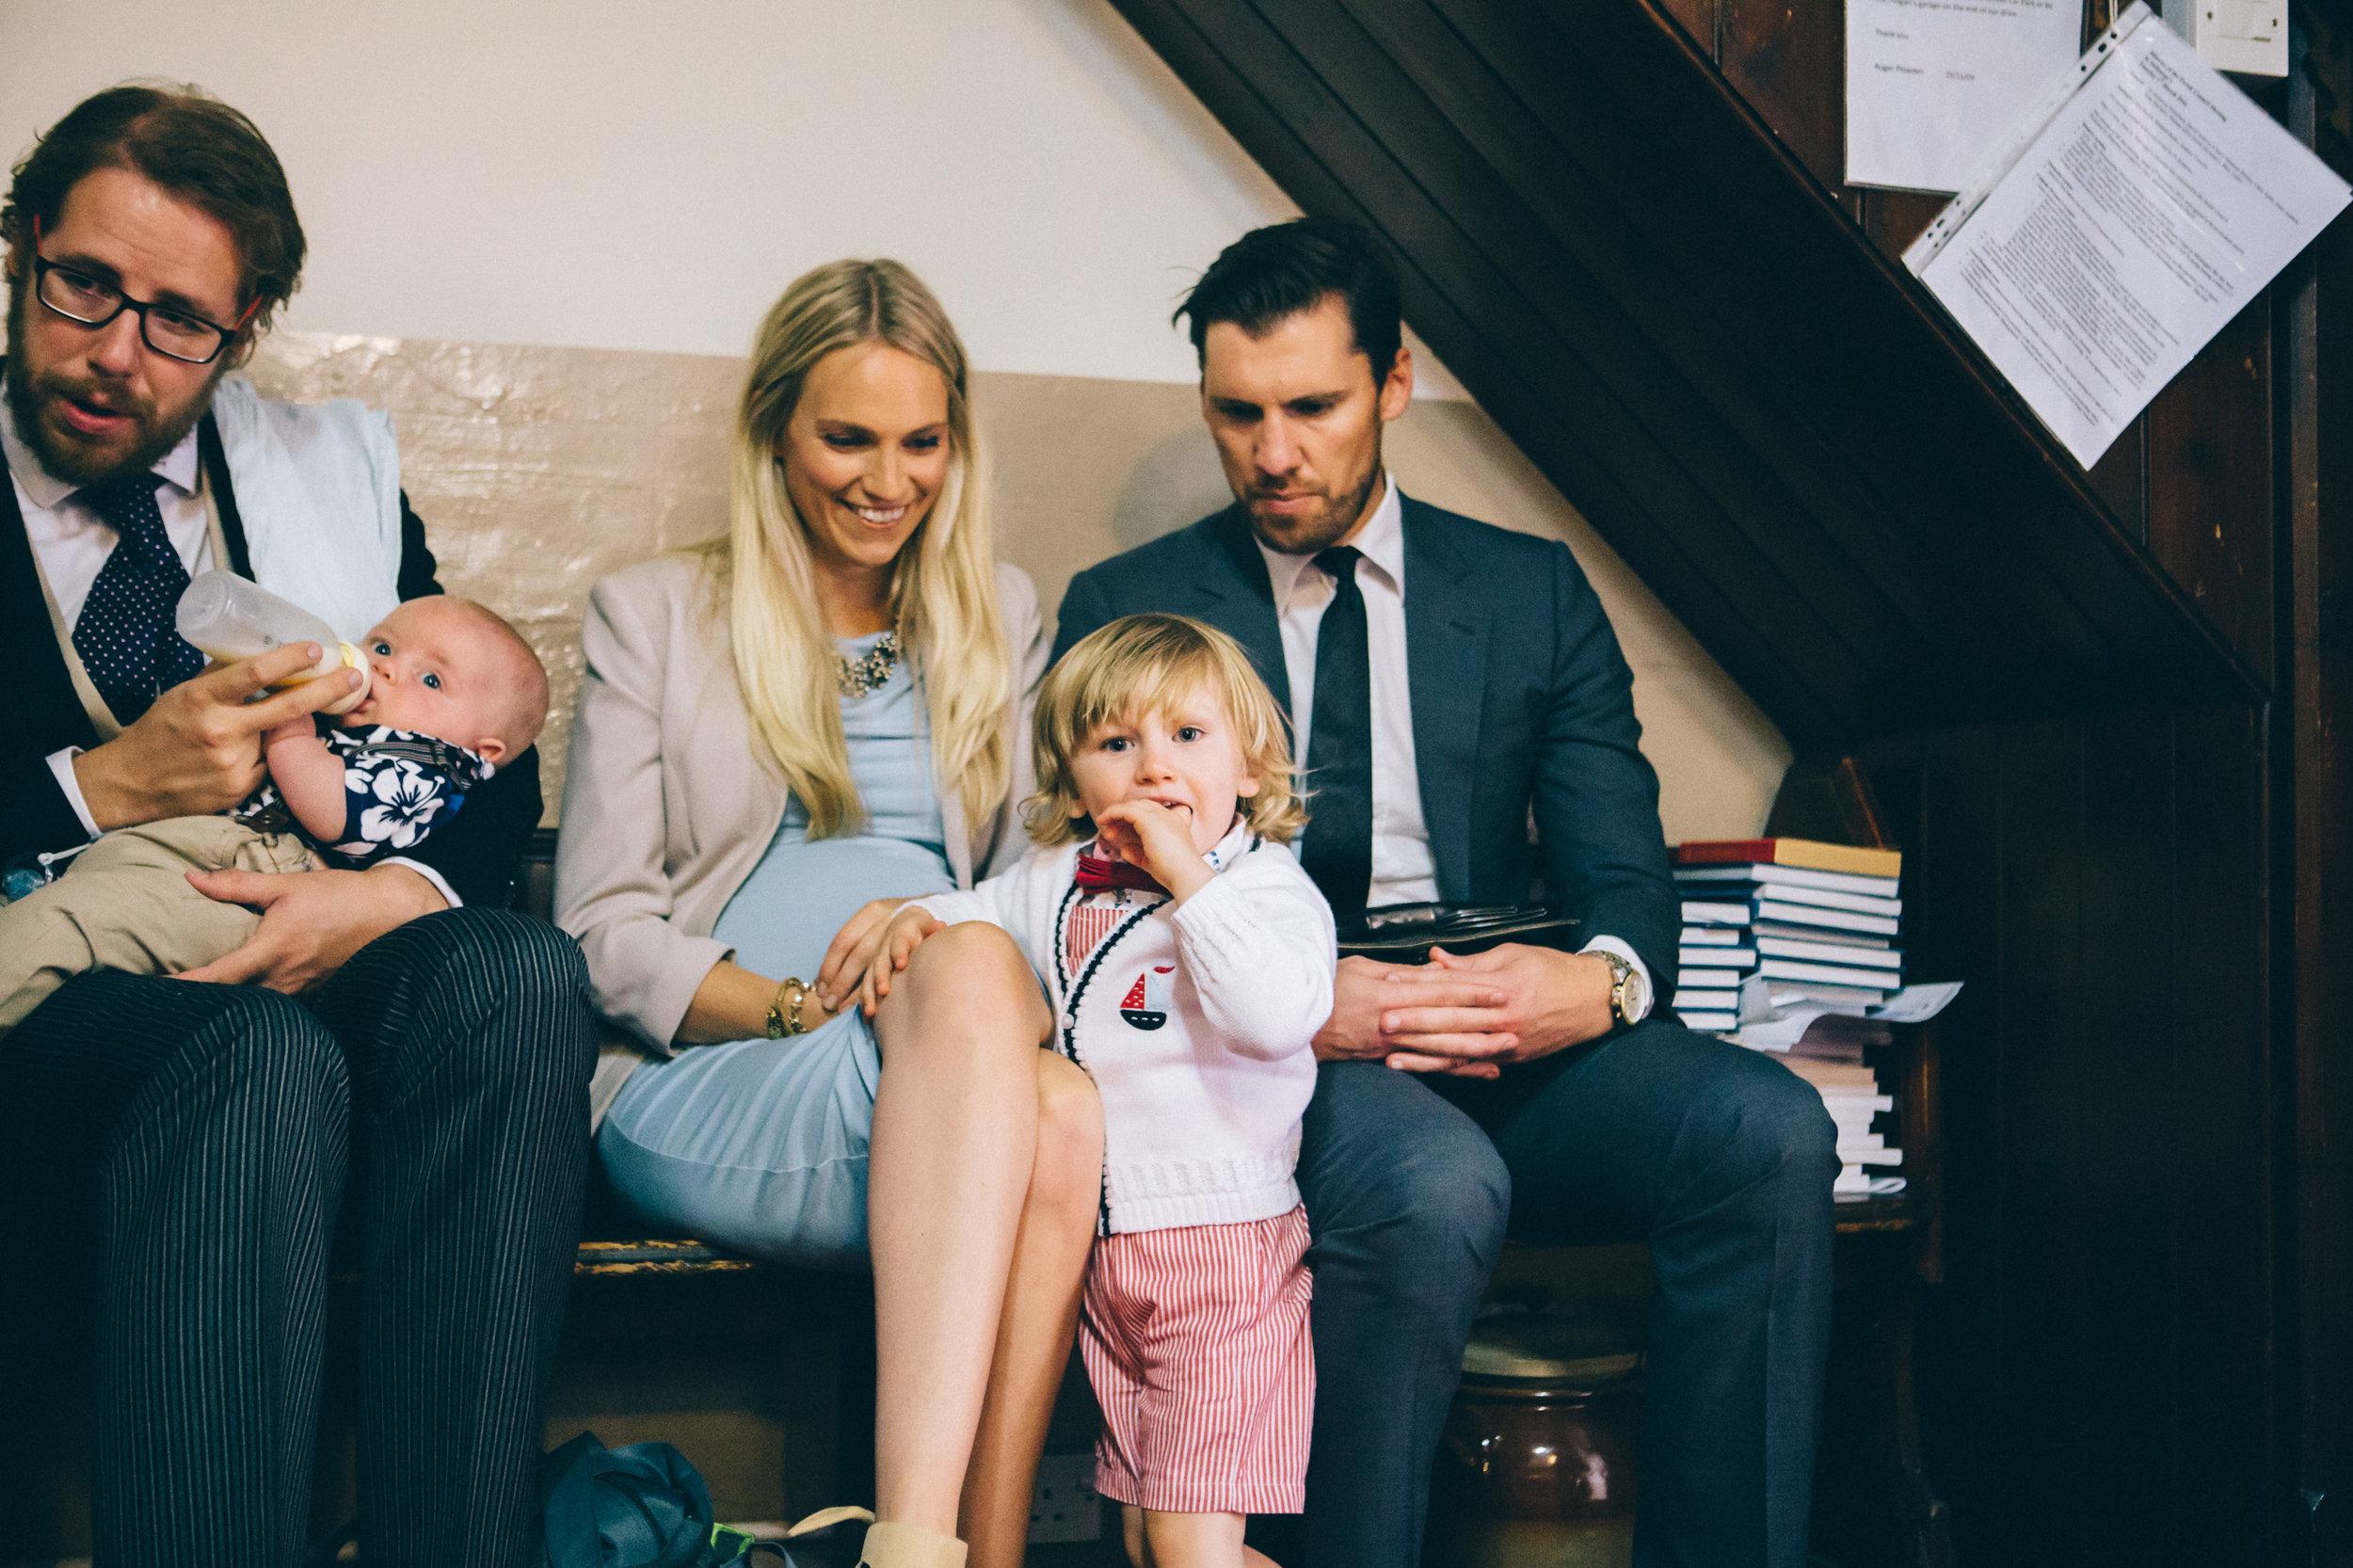 uk wedding photographer artistic wedding photography-49.jpg